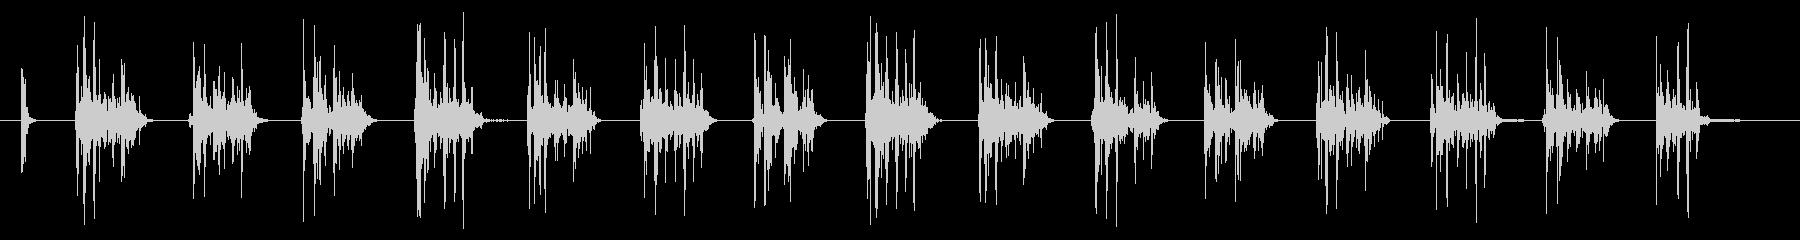 SCI FI マシンガン03の未再生の波形